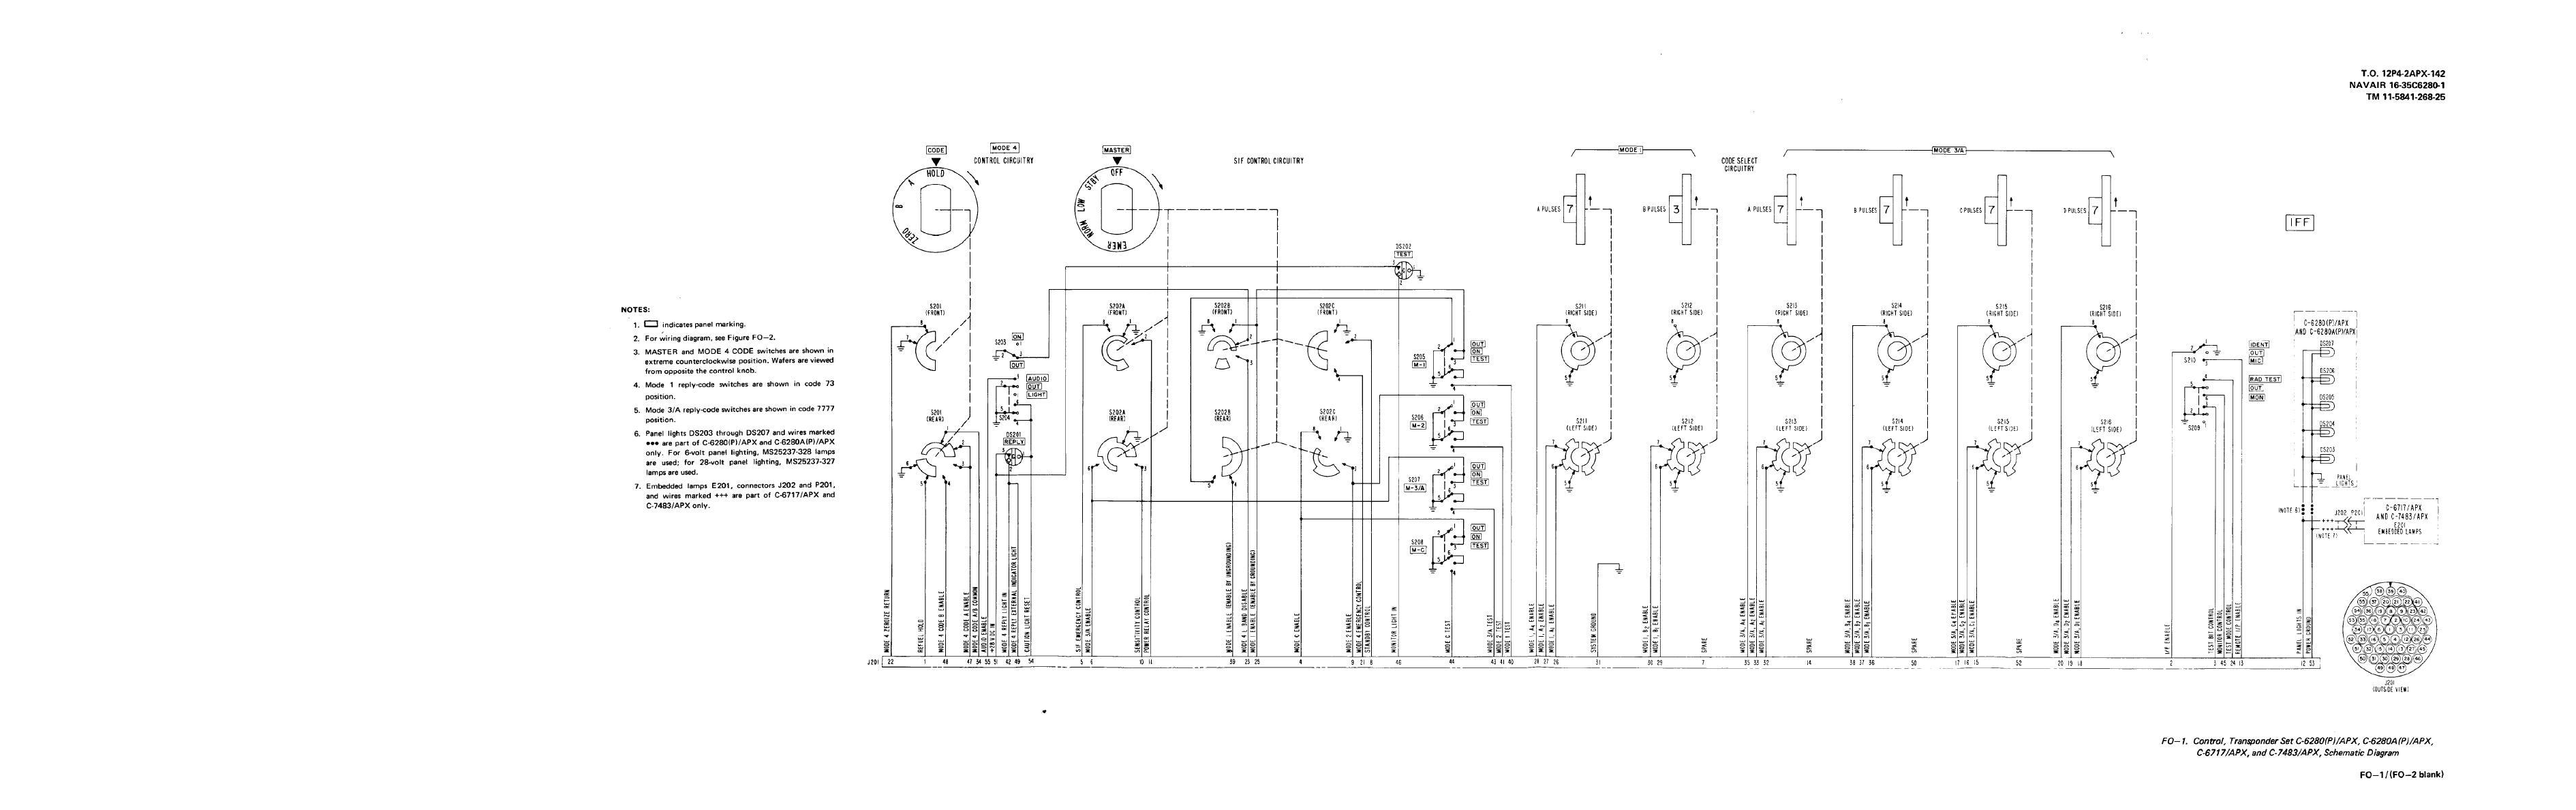 motorola cb radio wiring diagram 2013 passat tdi fuse apx 6500